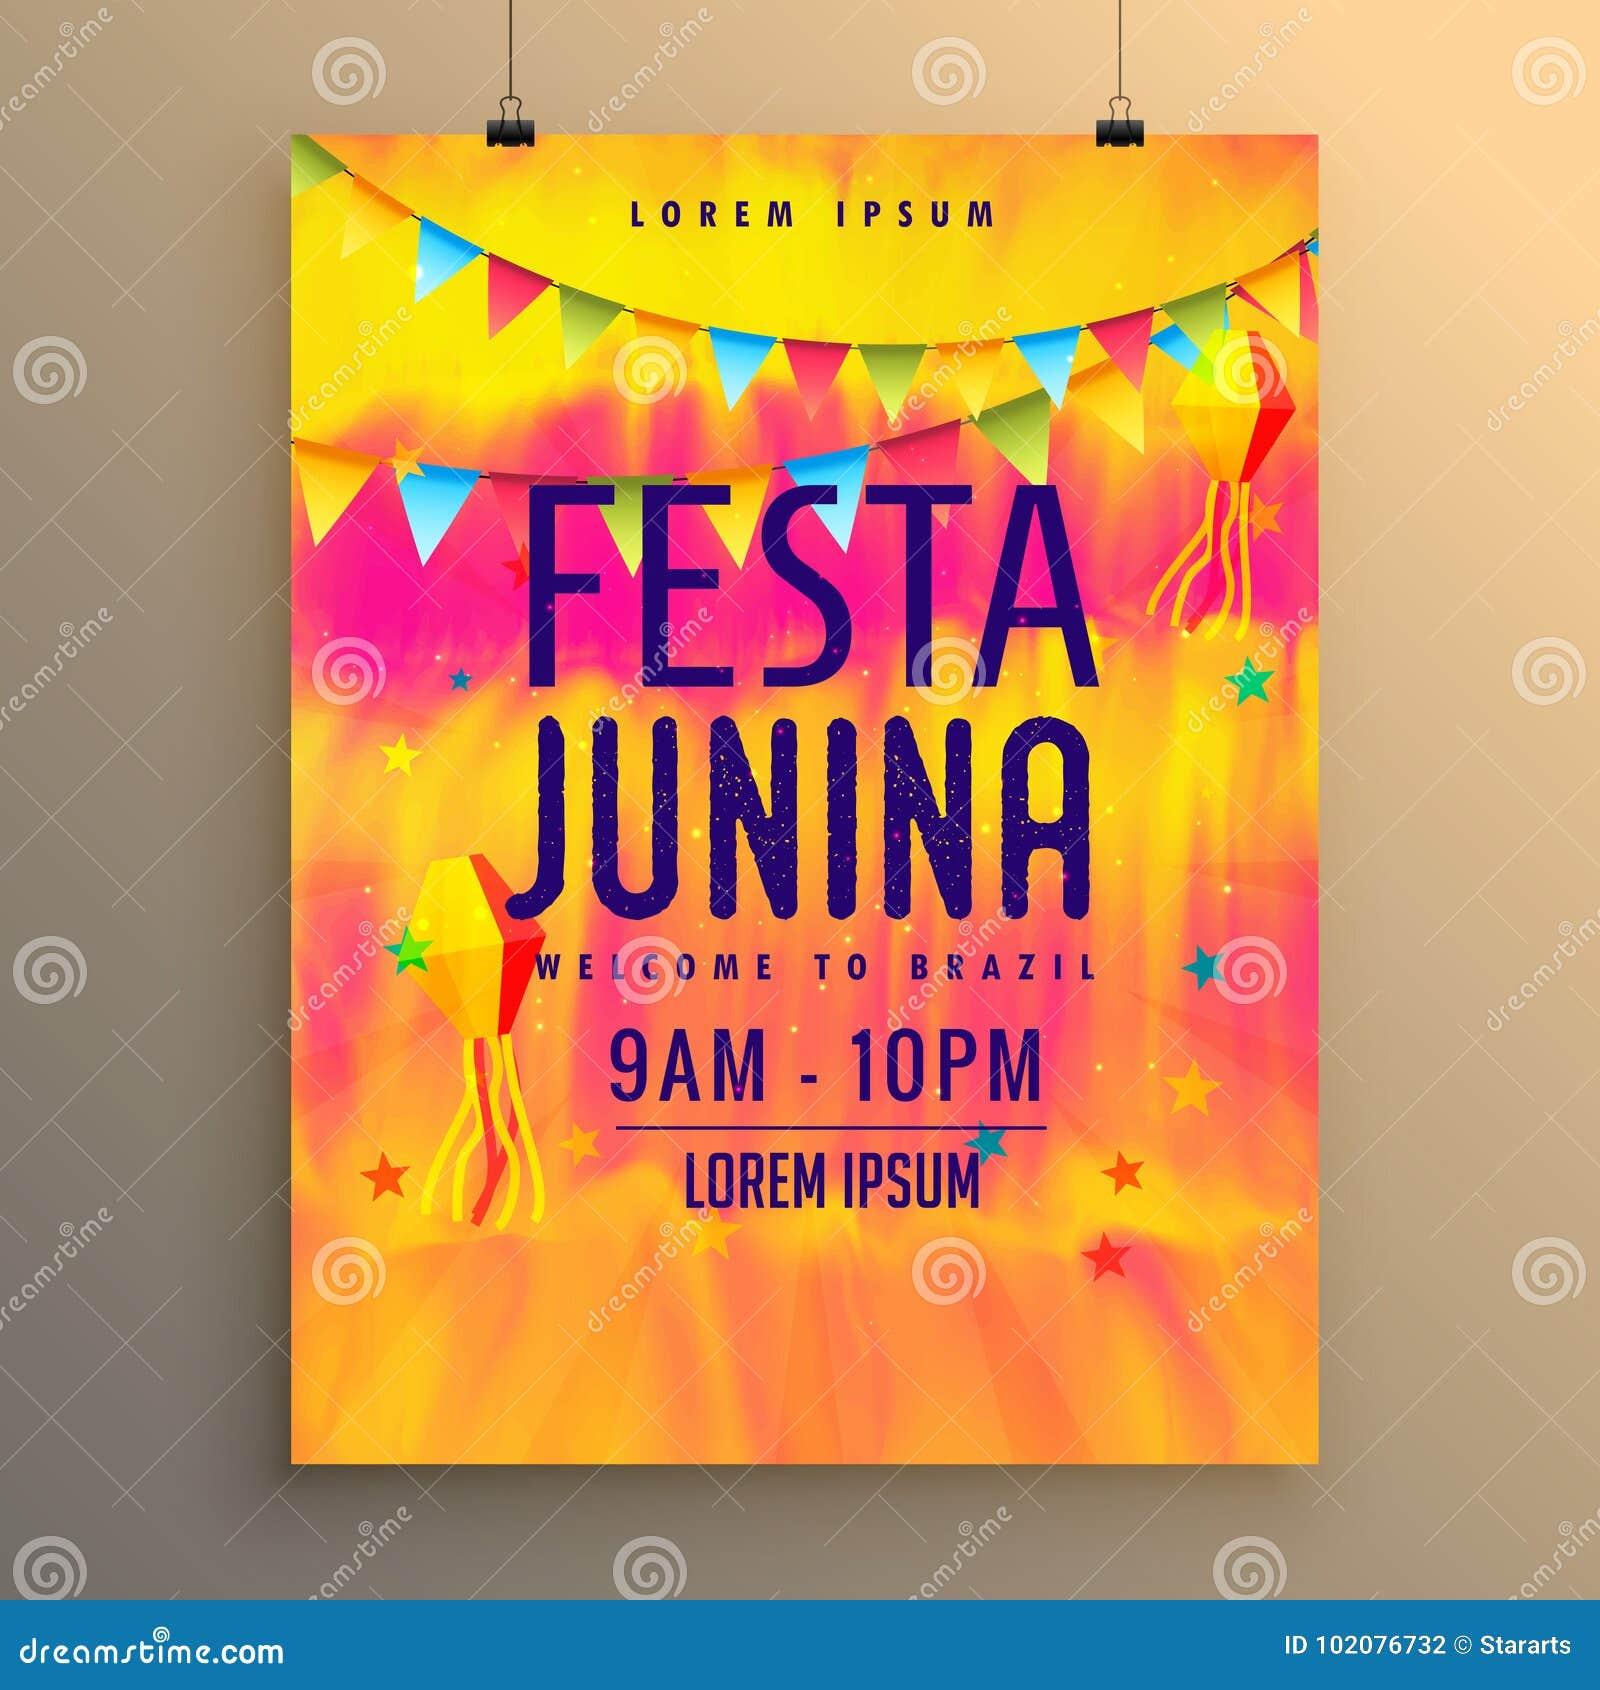 Festa Junina Flyer Design Invitation Template Stock Vector